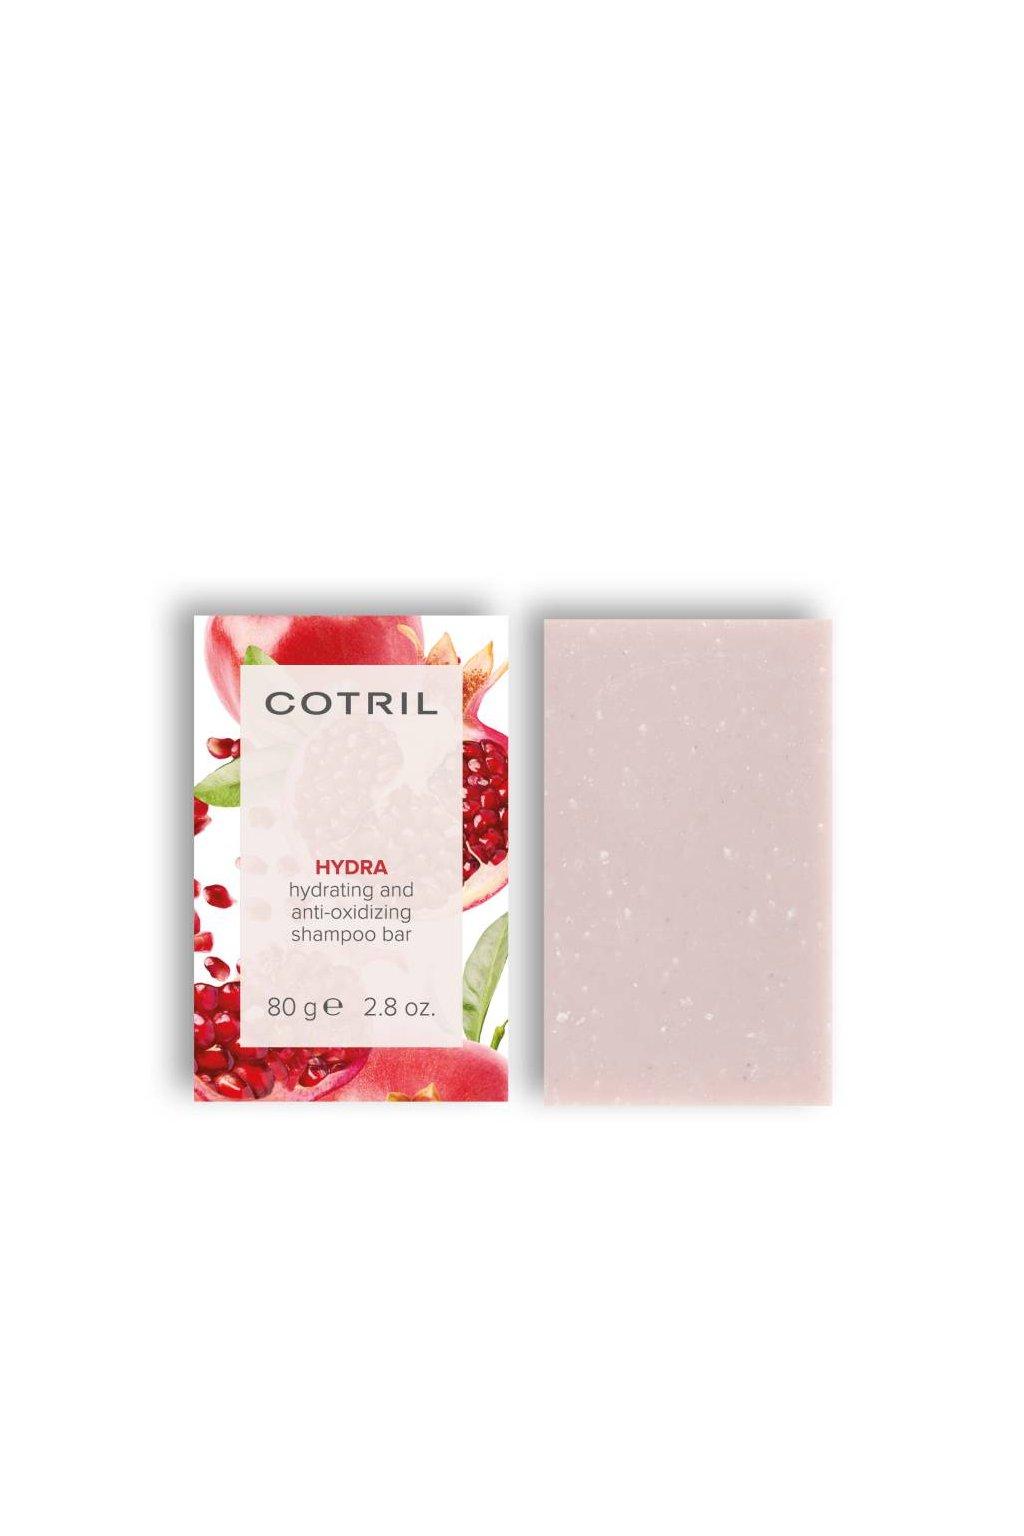 Cotril HYDRA Tuhý šampon hydratační a antioxidační pro suché vlasy 80g